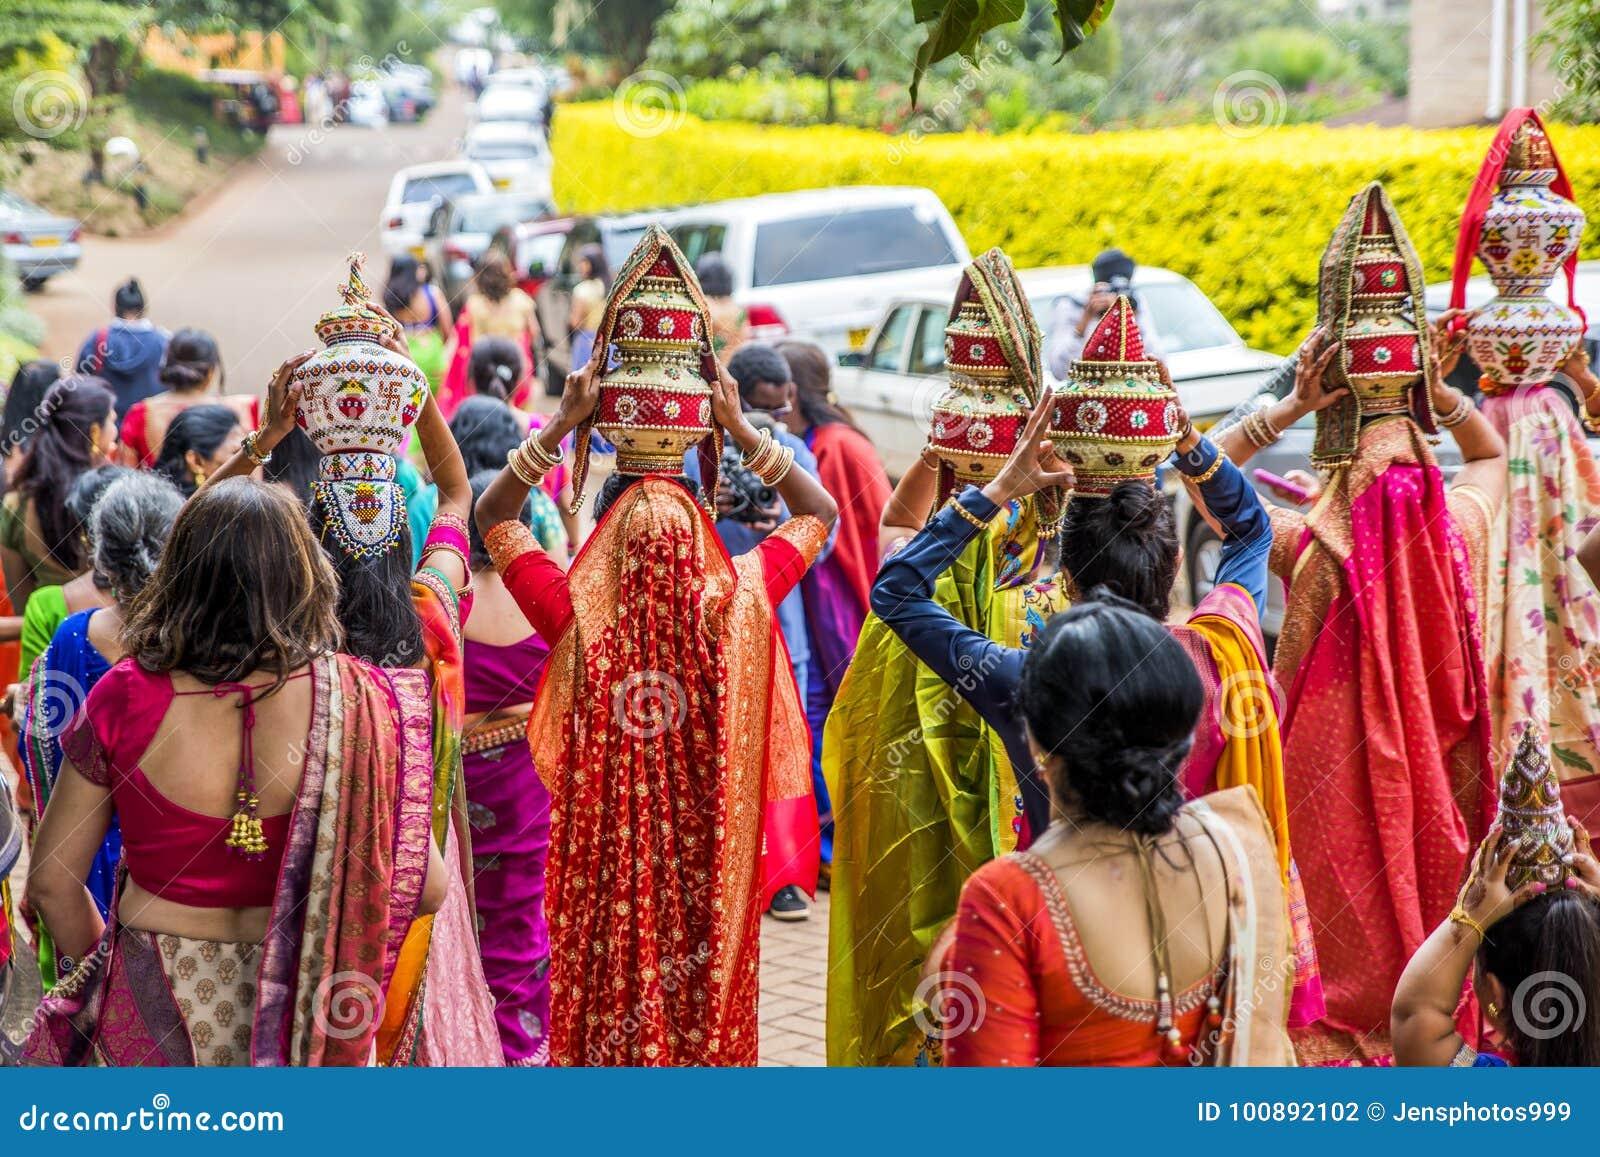 Matrimonio In Kenia : Samburu matrimonio tradizionale da sinistra a destra miglior uomo